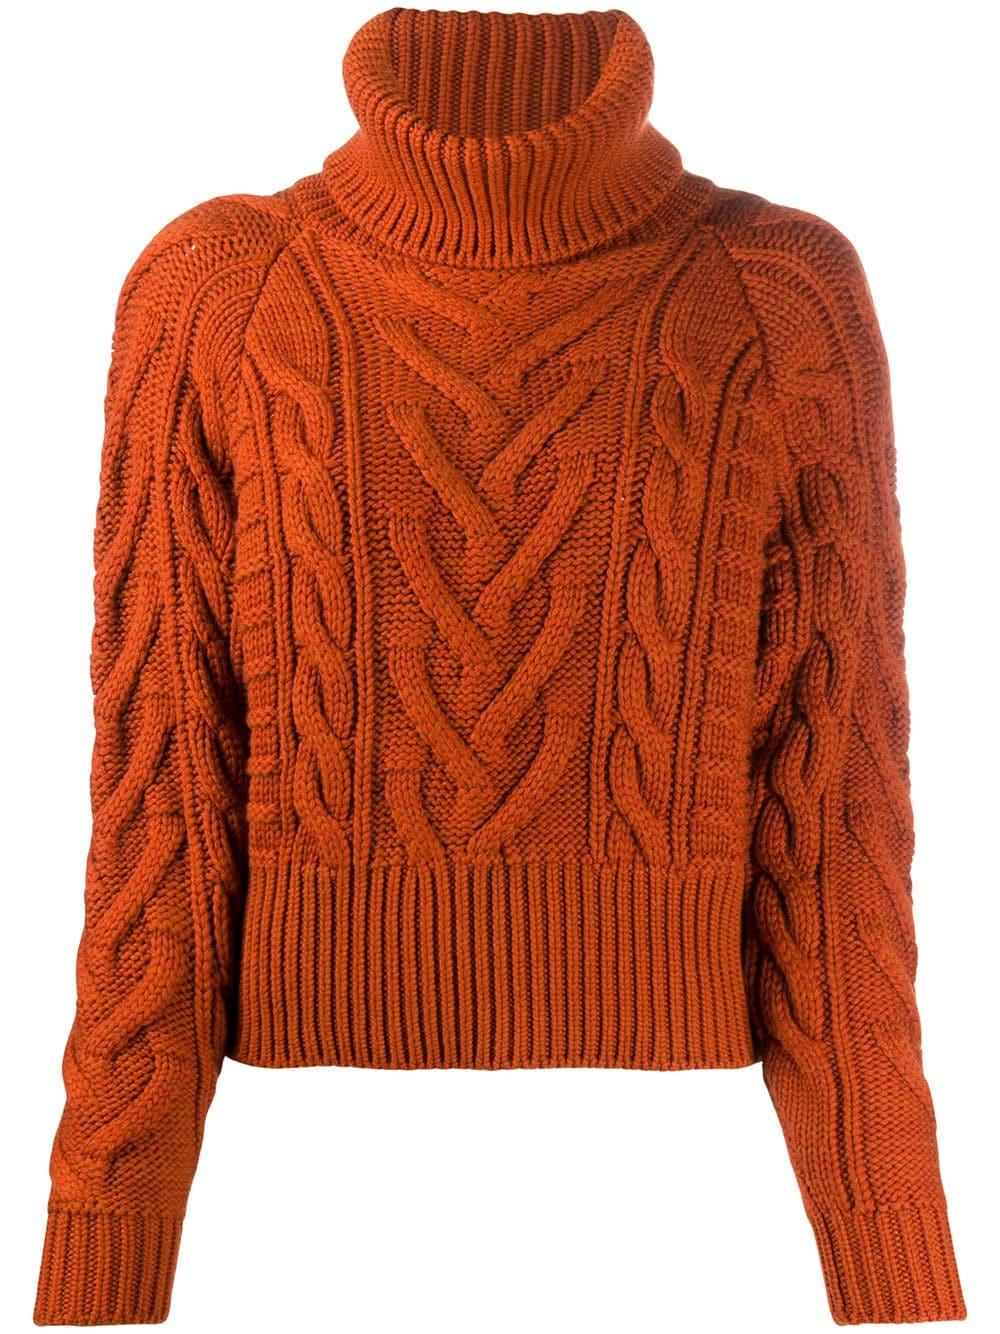 Dolce & Gabbana Rollkragenpullover mit Zopfmuster - Orange